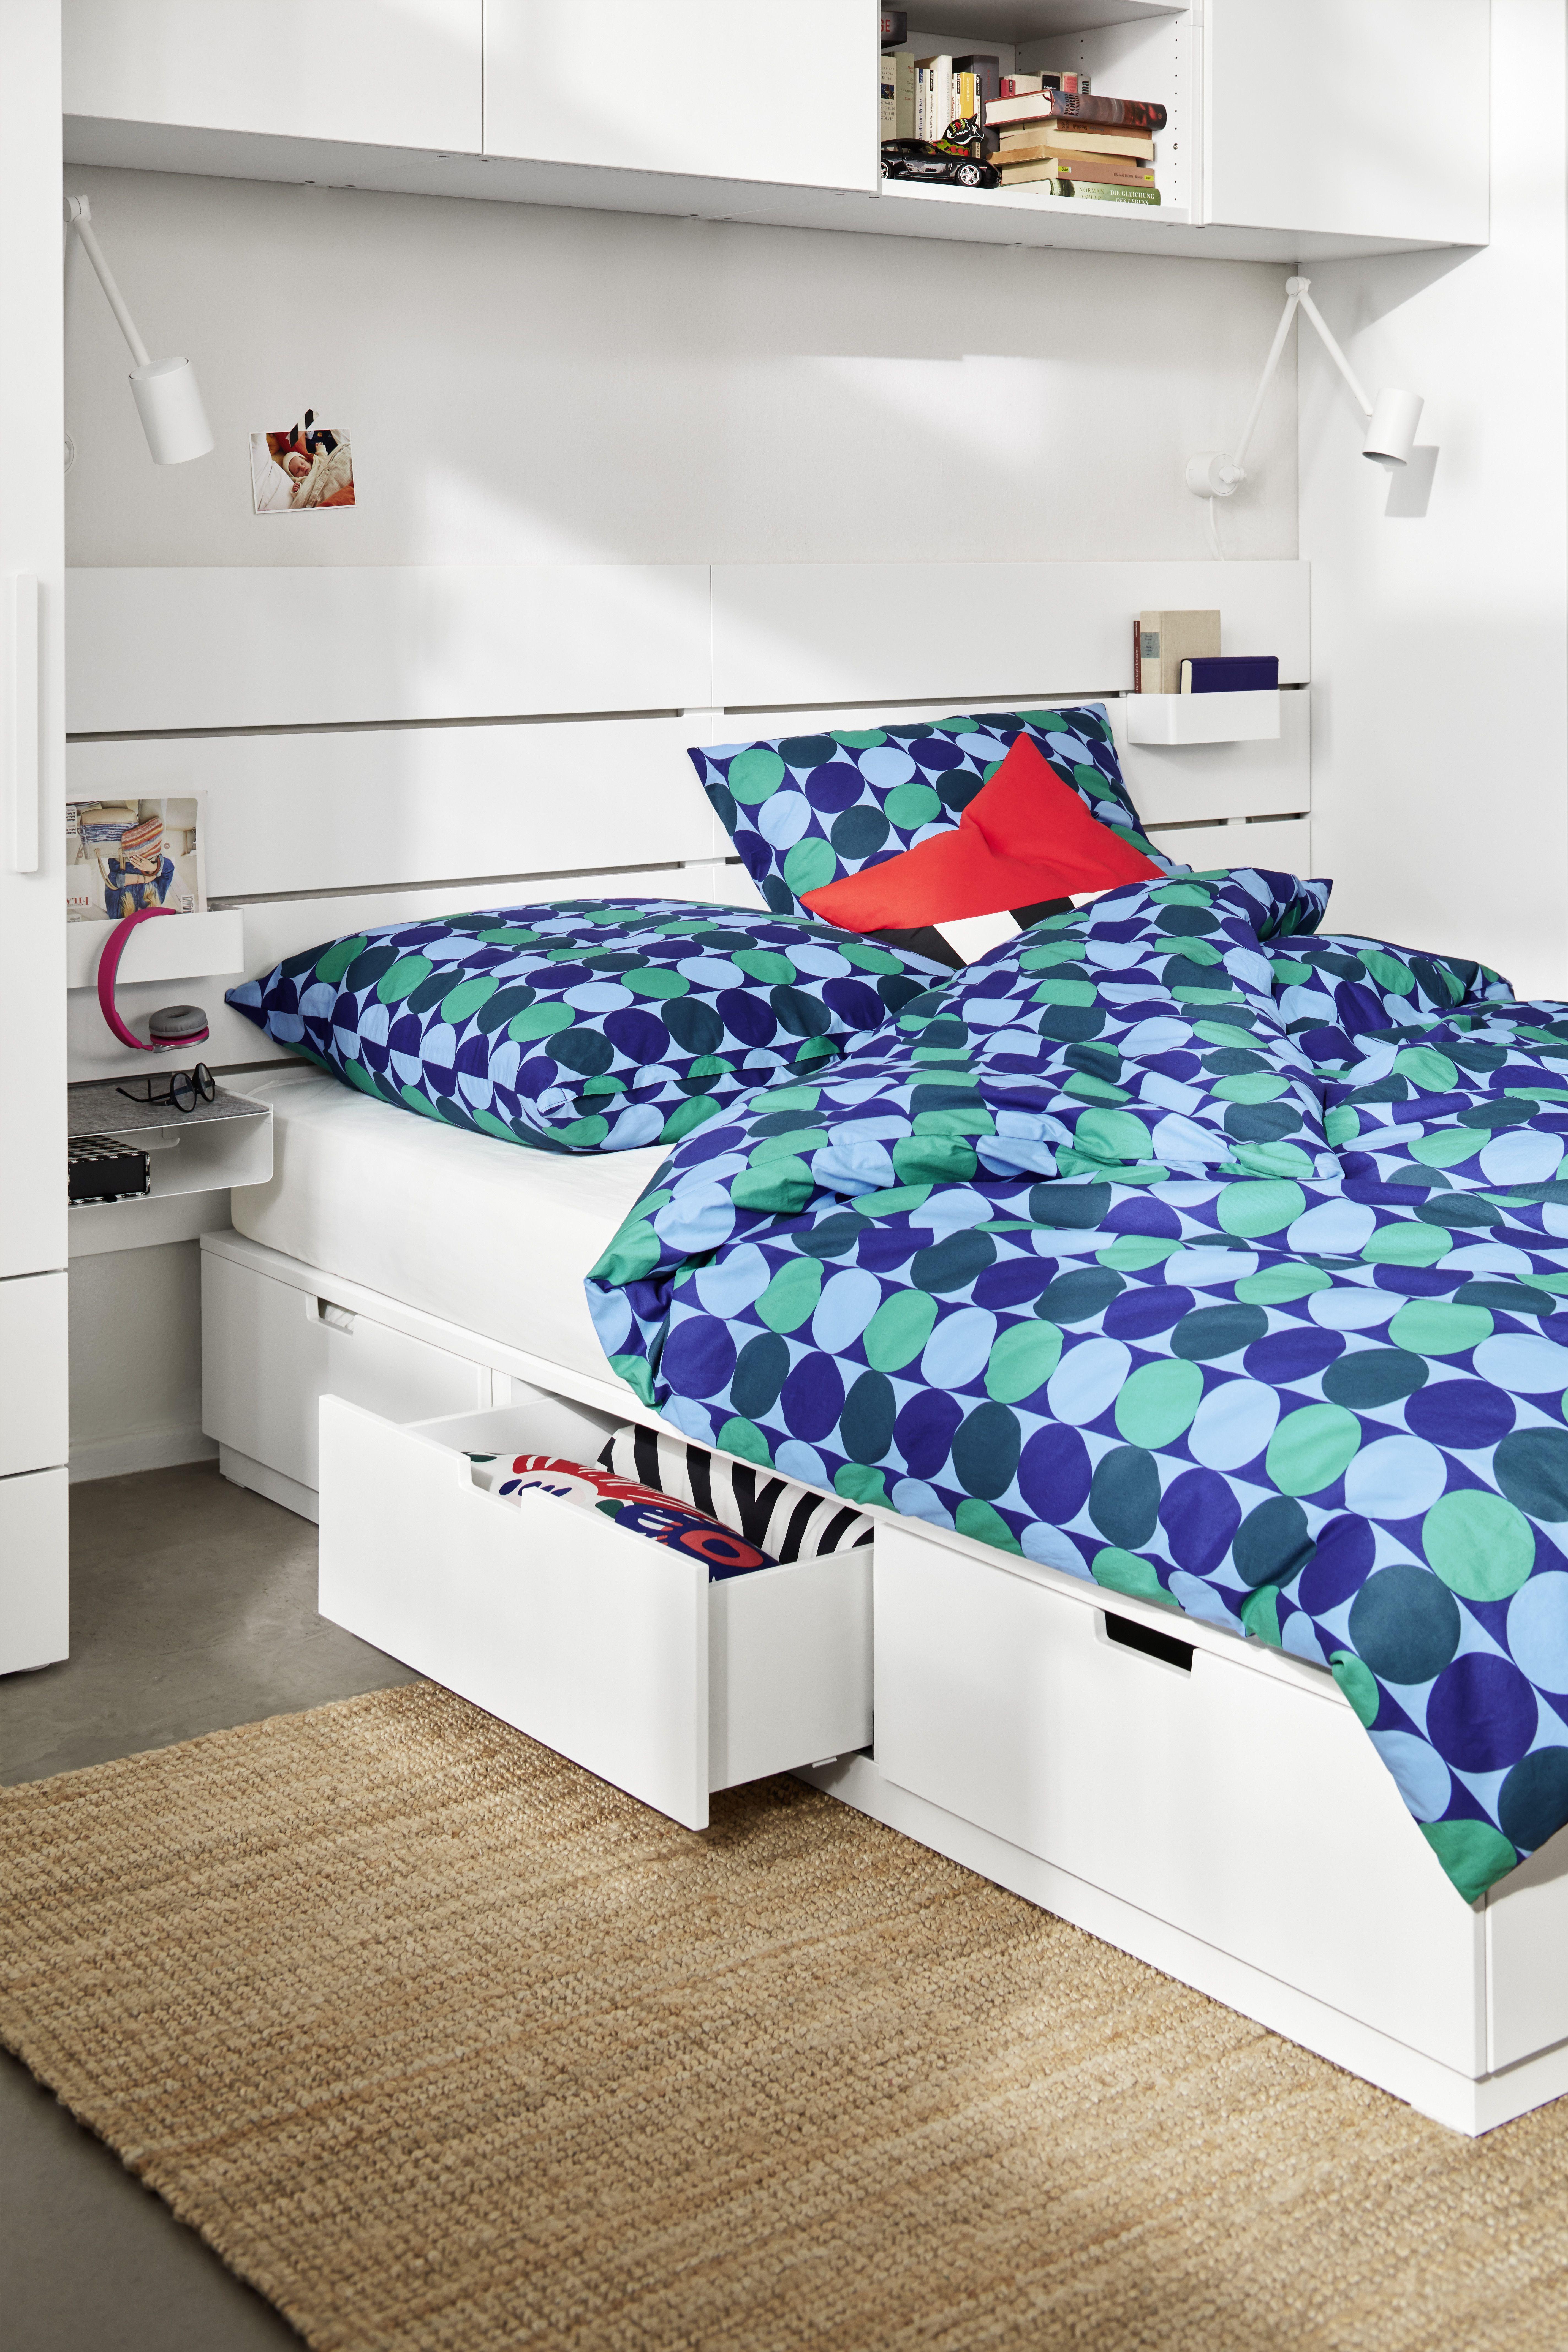 Bettwäscheset 2 Teilig Krokuslilja Blaugrün In 2019 Schlafzimmer